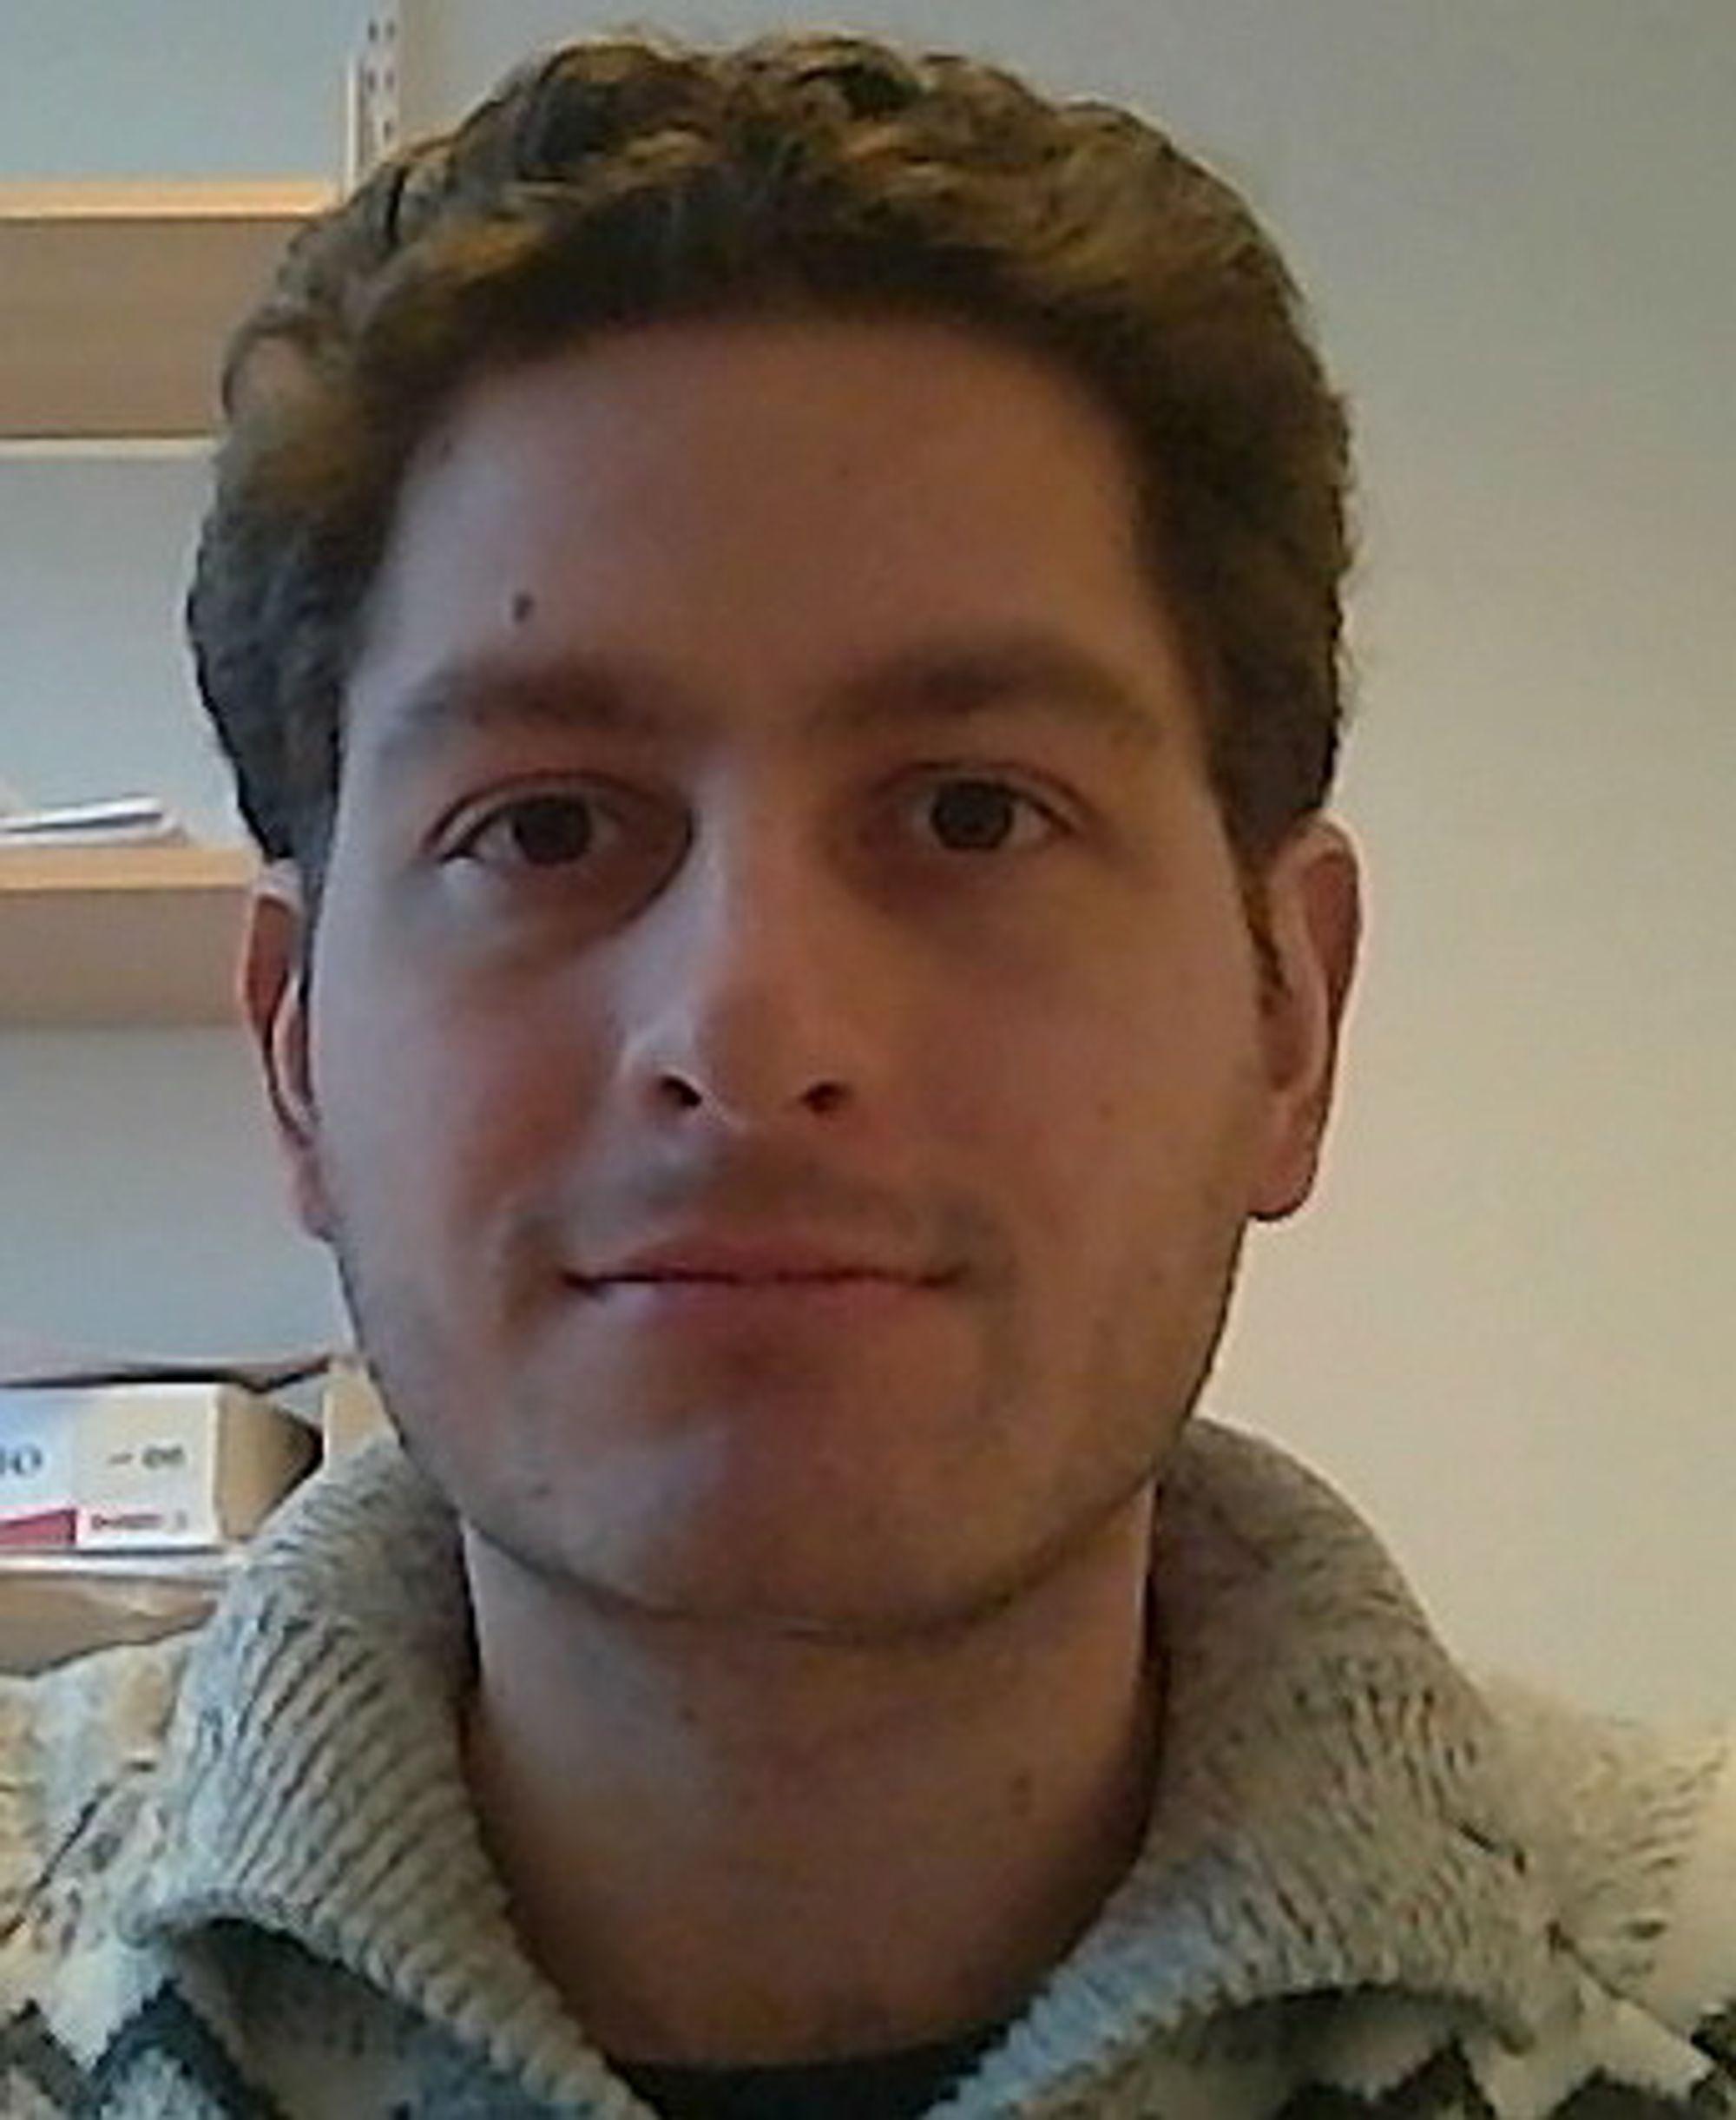 Tommaso Cella er stipendiat ved Institutt for elektronikk og telekommunikasjon ved NTNU, med kontor på Universitetssenteret på Kjeller.